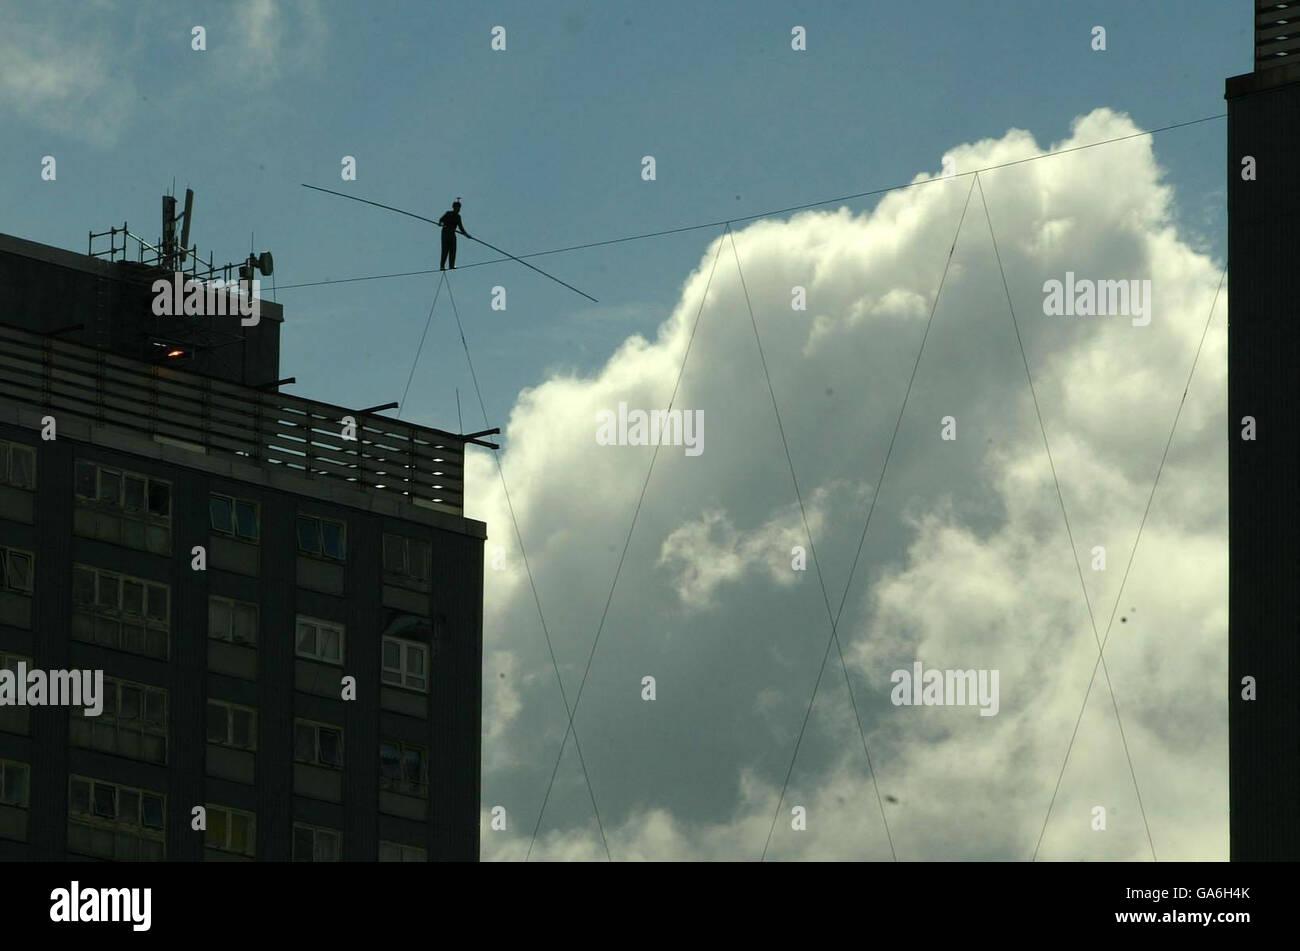 High wire walker - Glasgow Stock Photo: 109553939 - Alamy